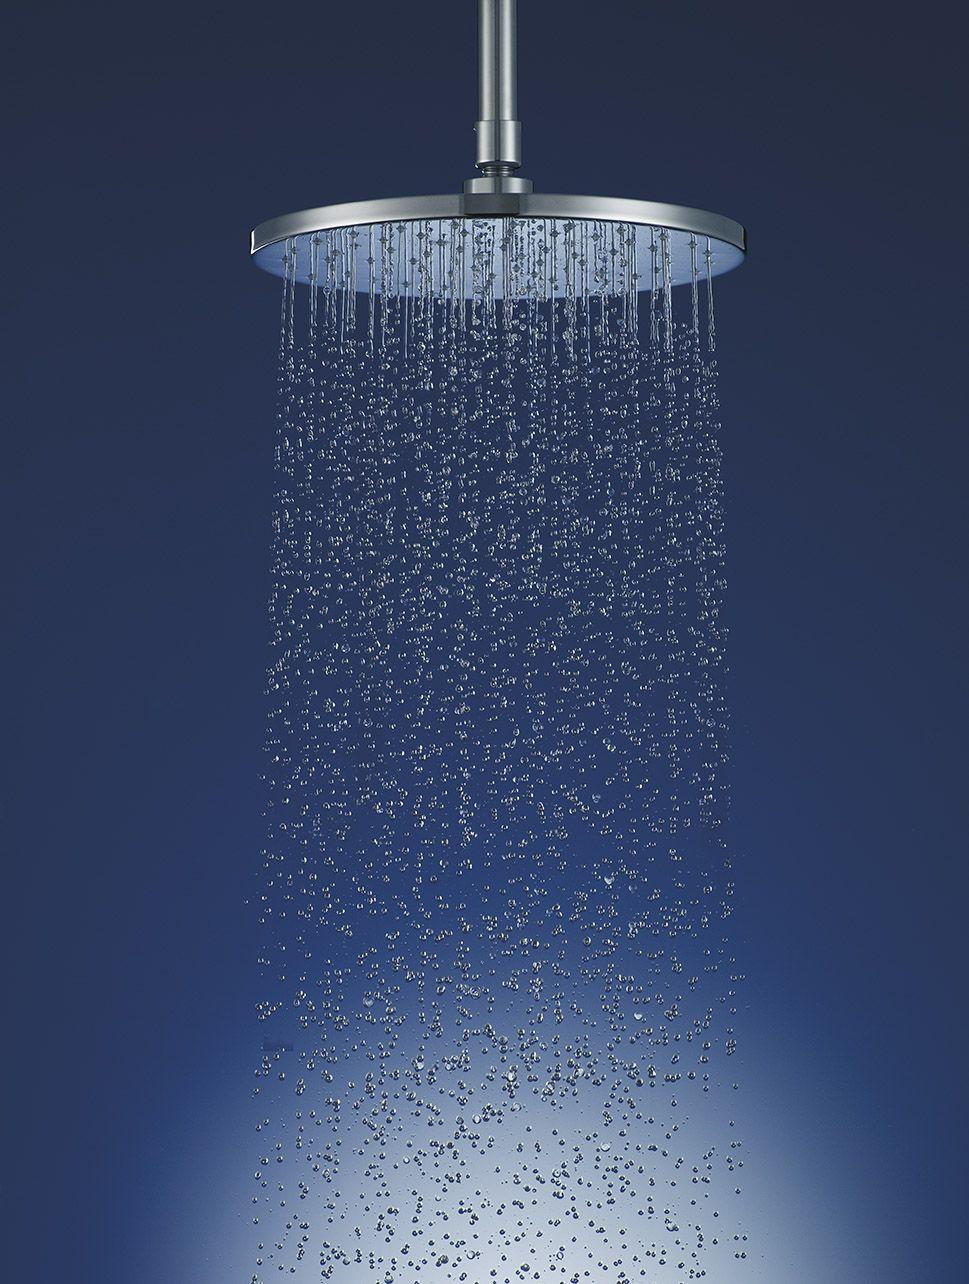 Kohler Rainhead | Kohler Showering | Pinterest